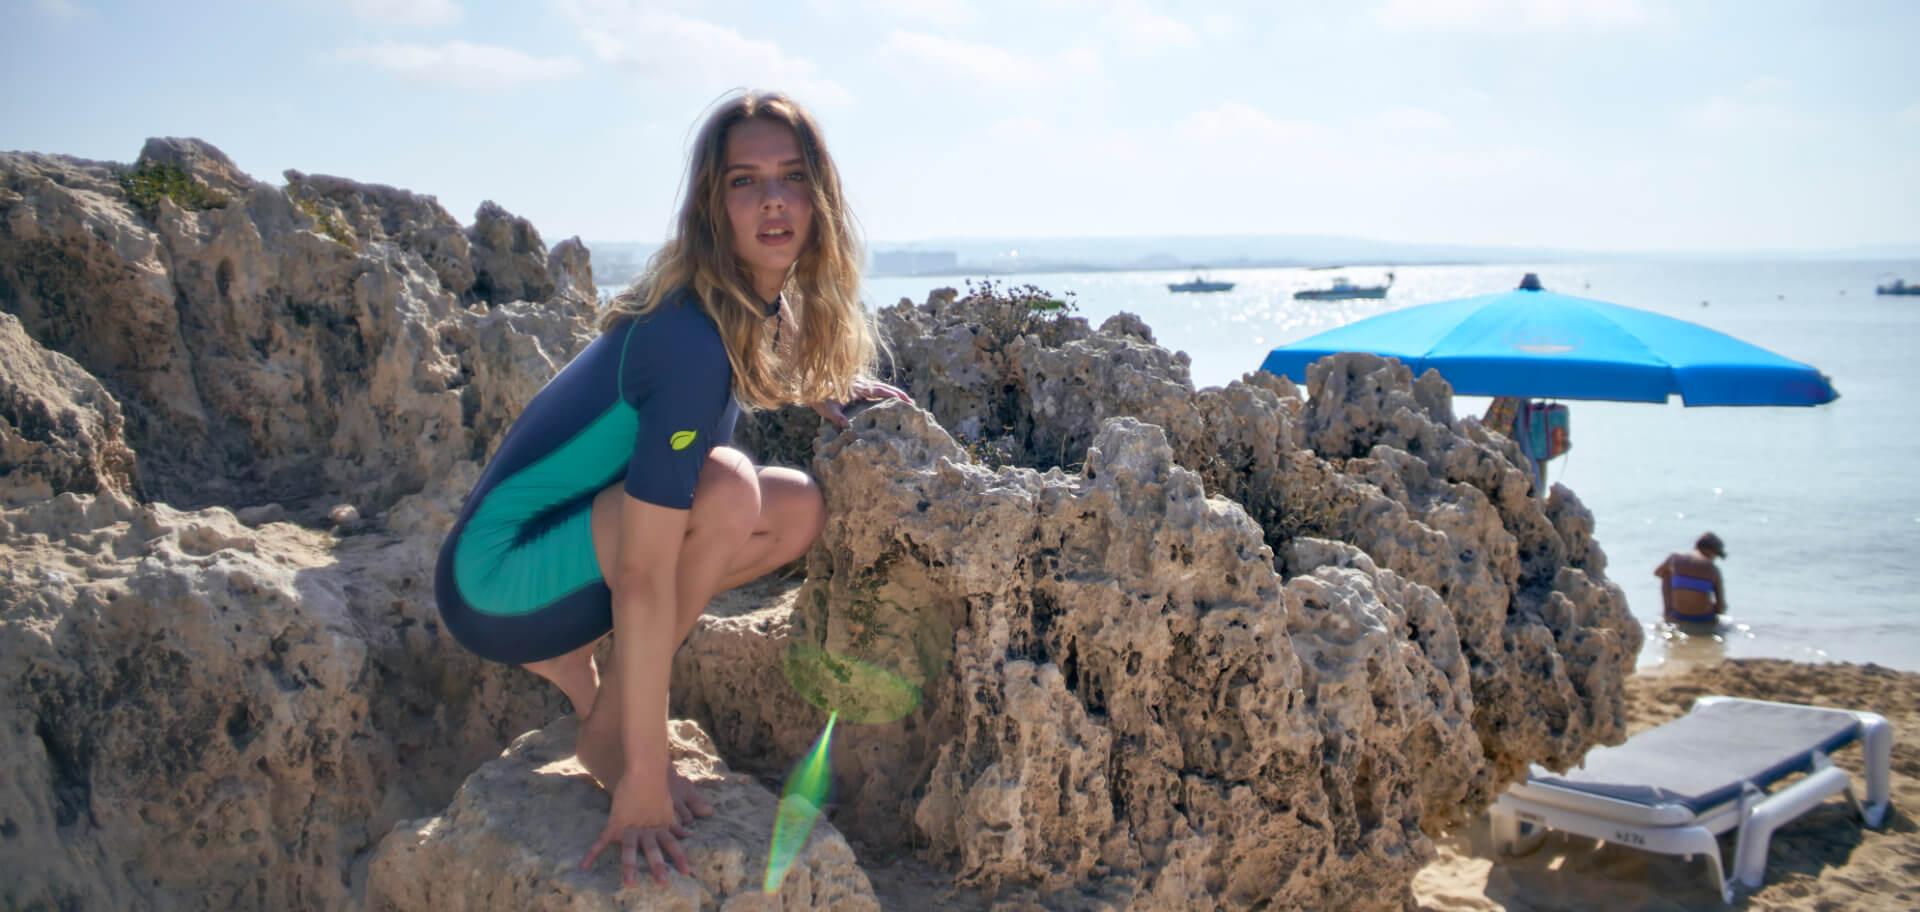 Full body cover swimsuit UV protection swimwear for women men girls and boys